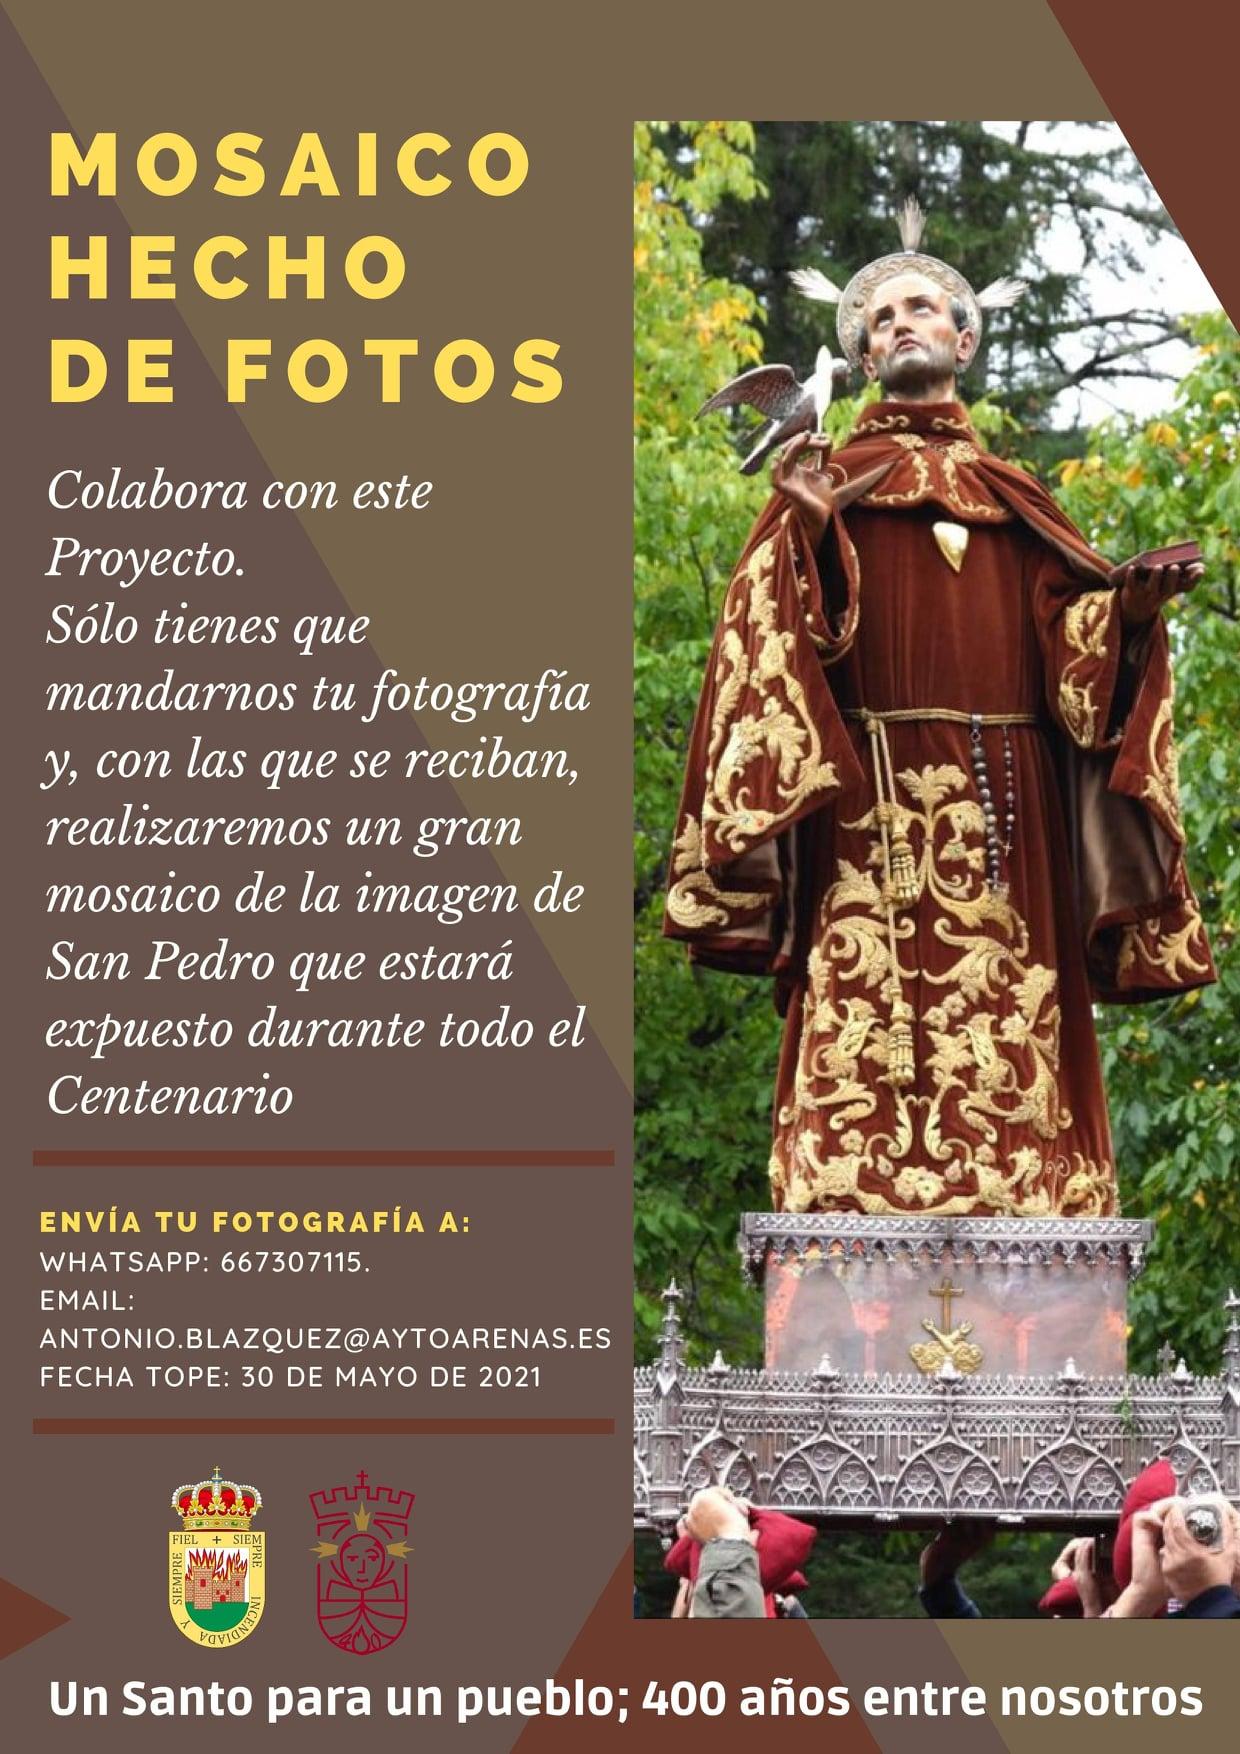 Mosaico hecho con fotos por el IV Centenario de la Beatificación y Patronazgo de San Pedro de Alcántara